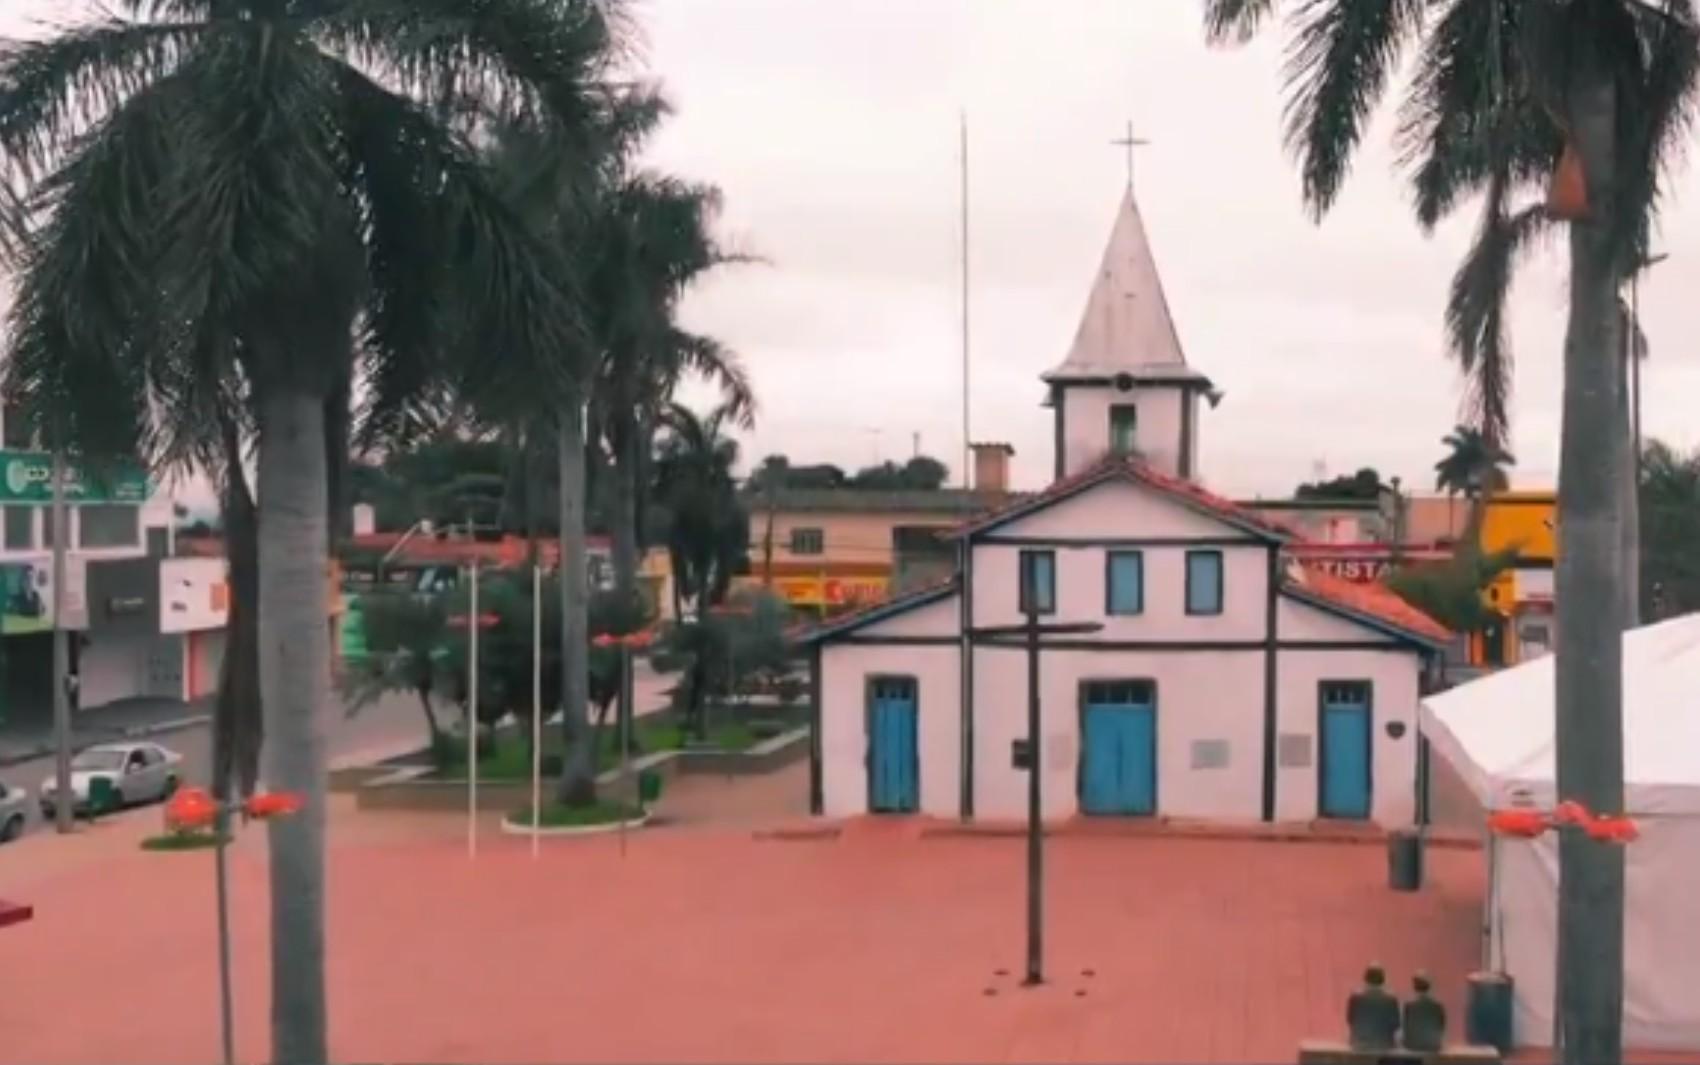 Moradores podem ajudar a escrever livro coletivo com histórias sobre Aparecida de Goiânia